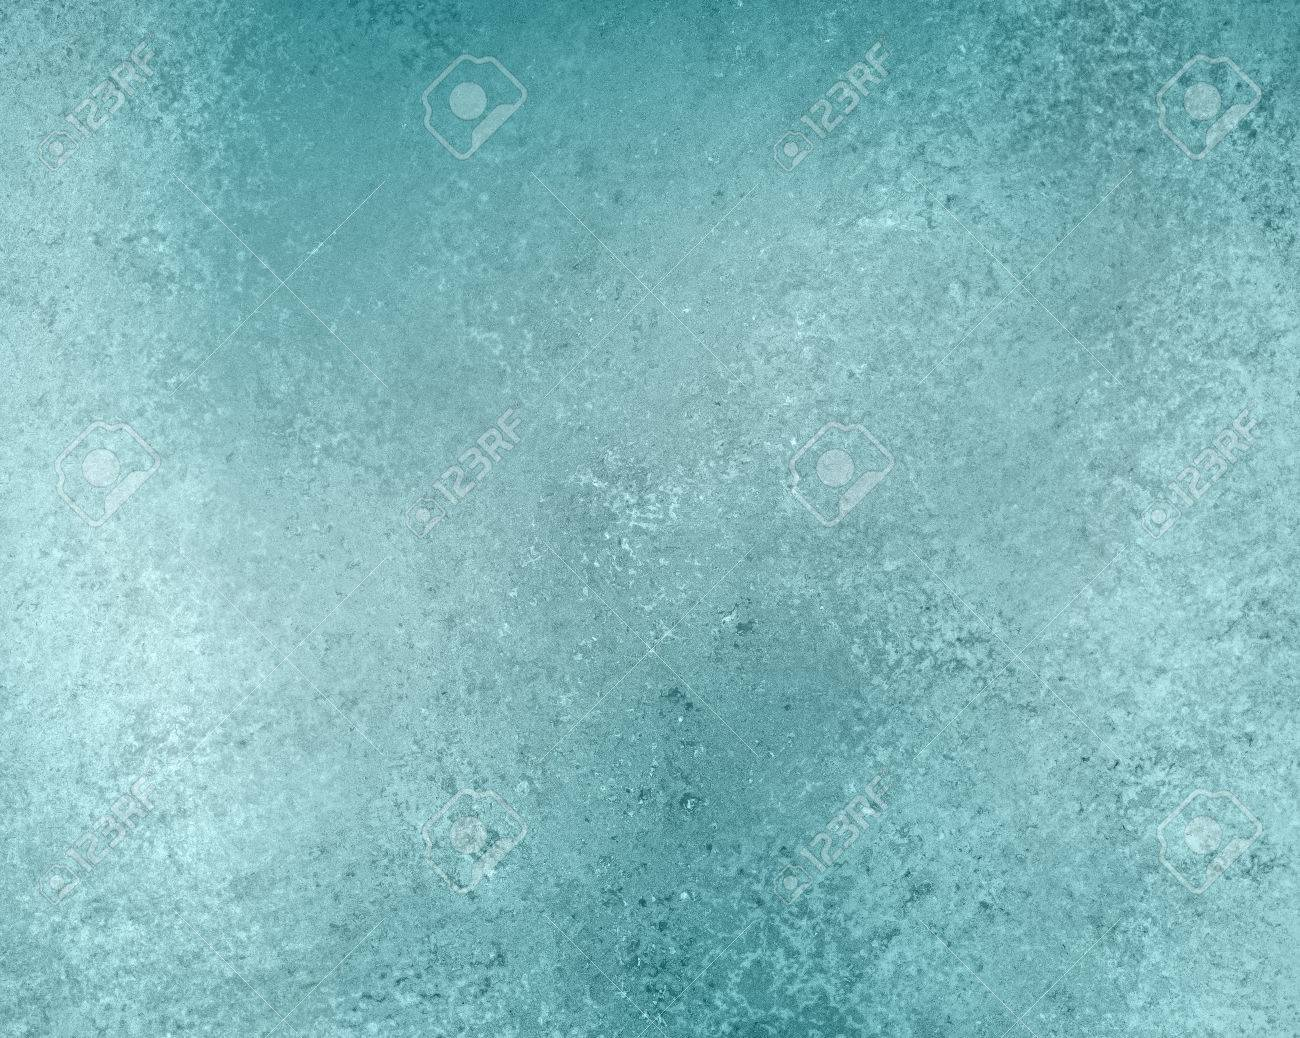 Zusammenfassung Blauem Hintergrund Beunruhigte Alte Vintage Stil